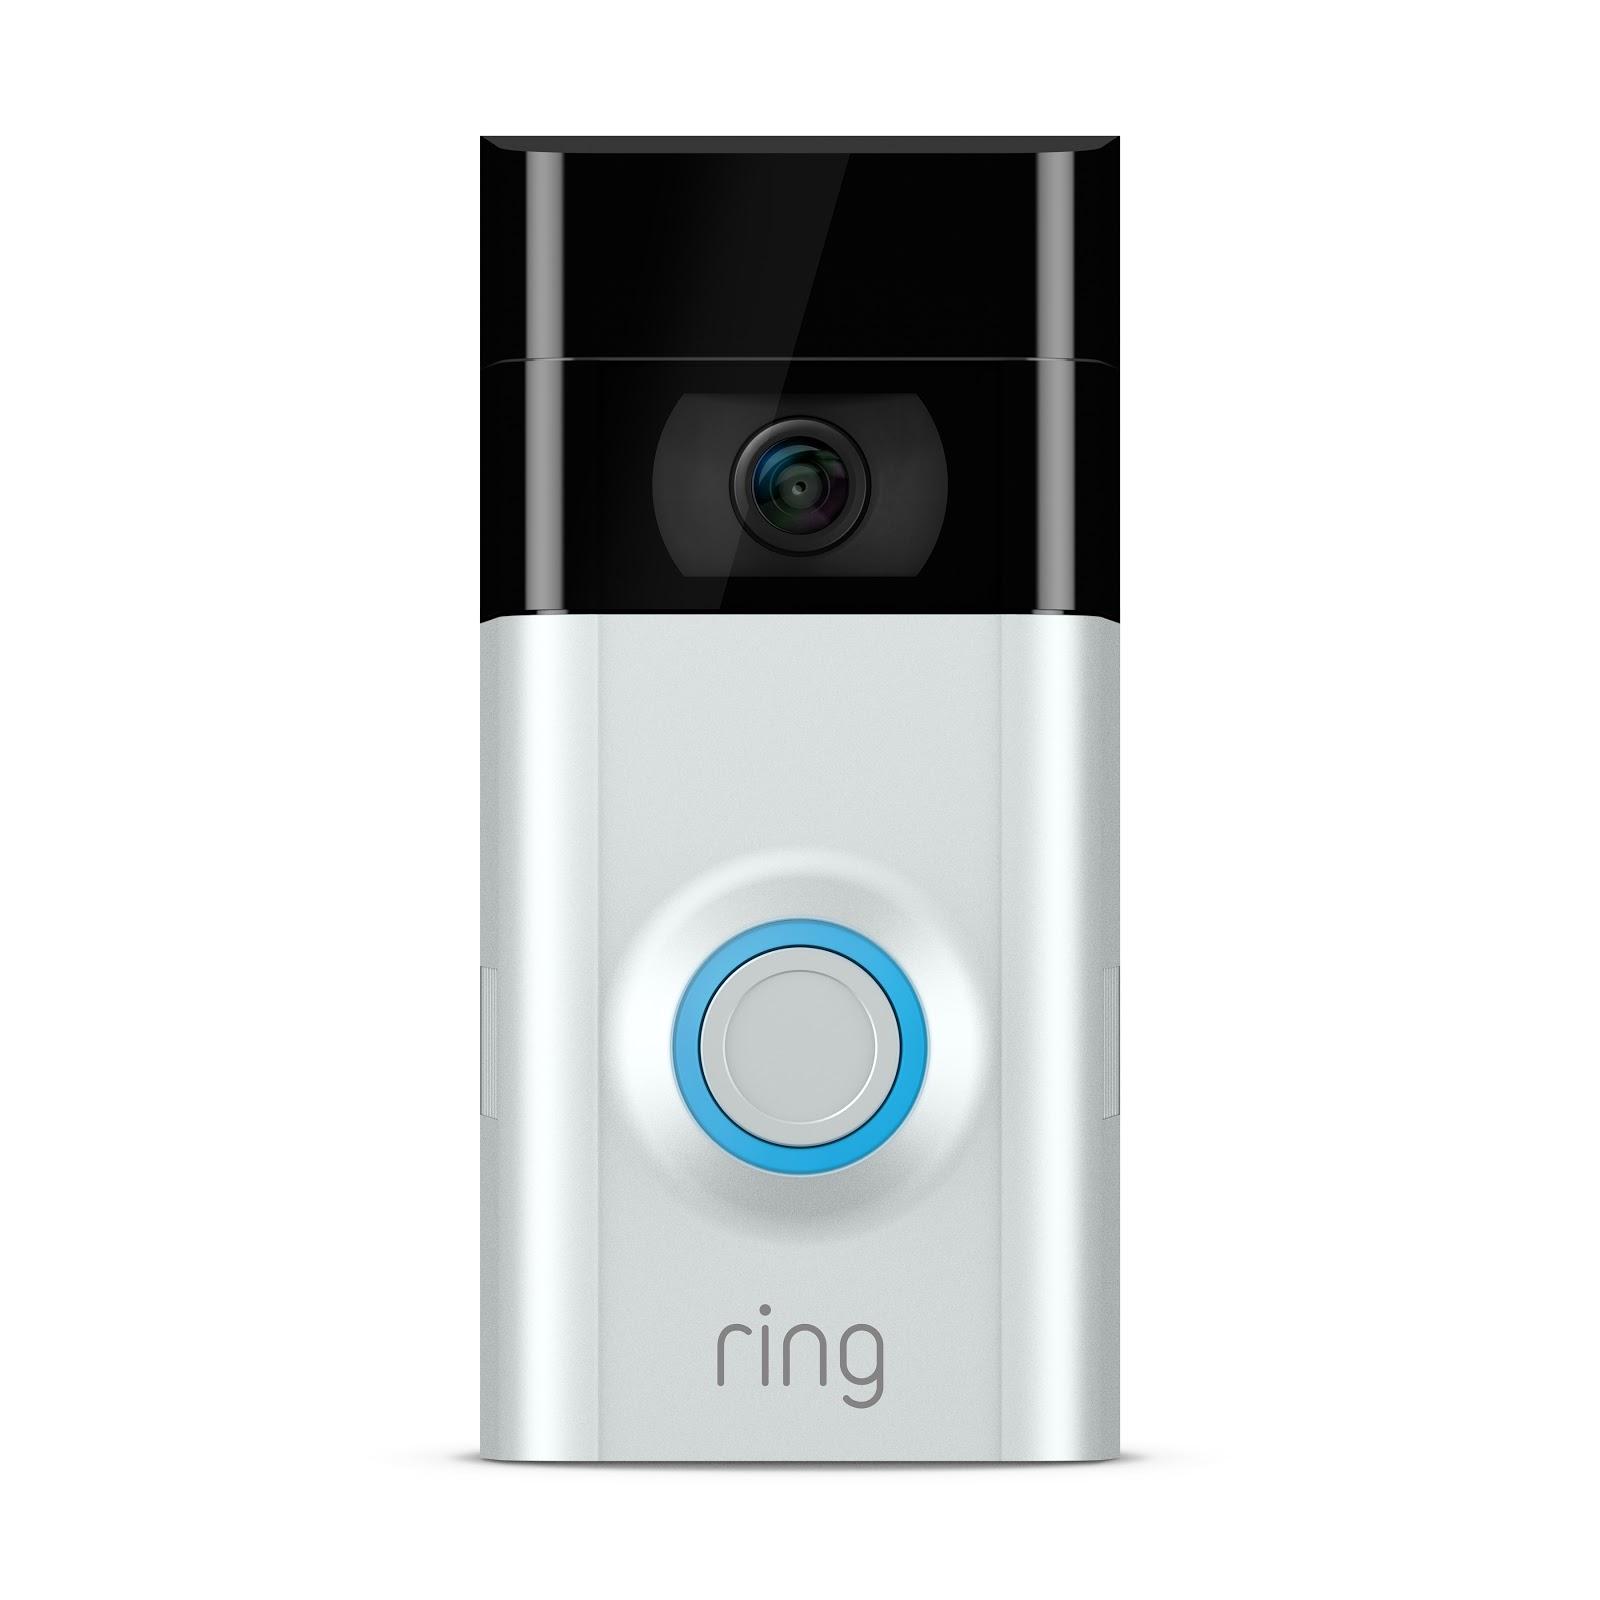 The Ring Video Doorbell 2